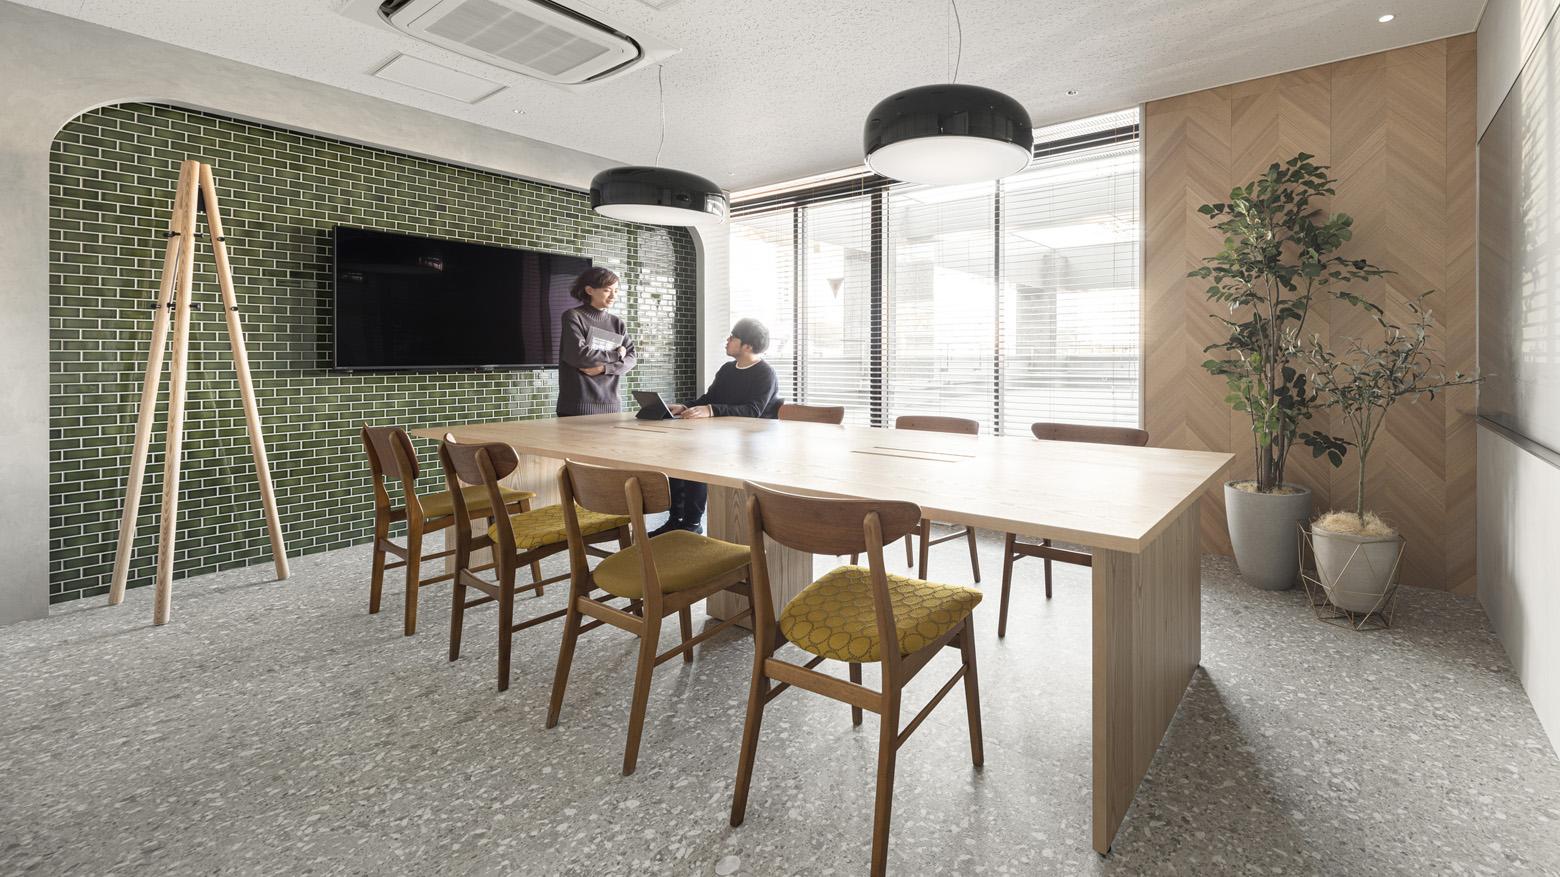 株式会社プライマルヴェニュー Meeting Room デザイン・レイアウト事例